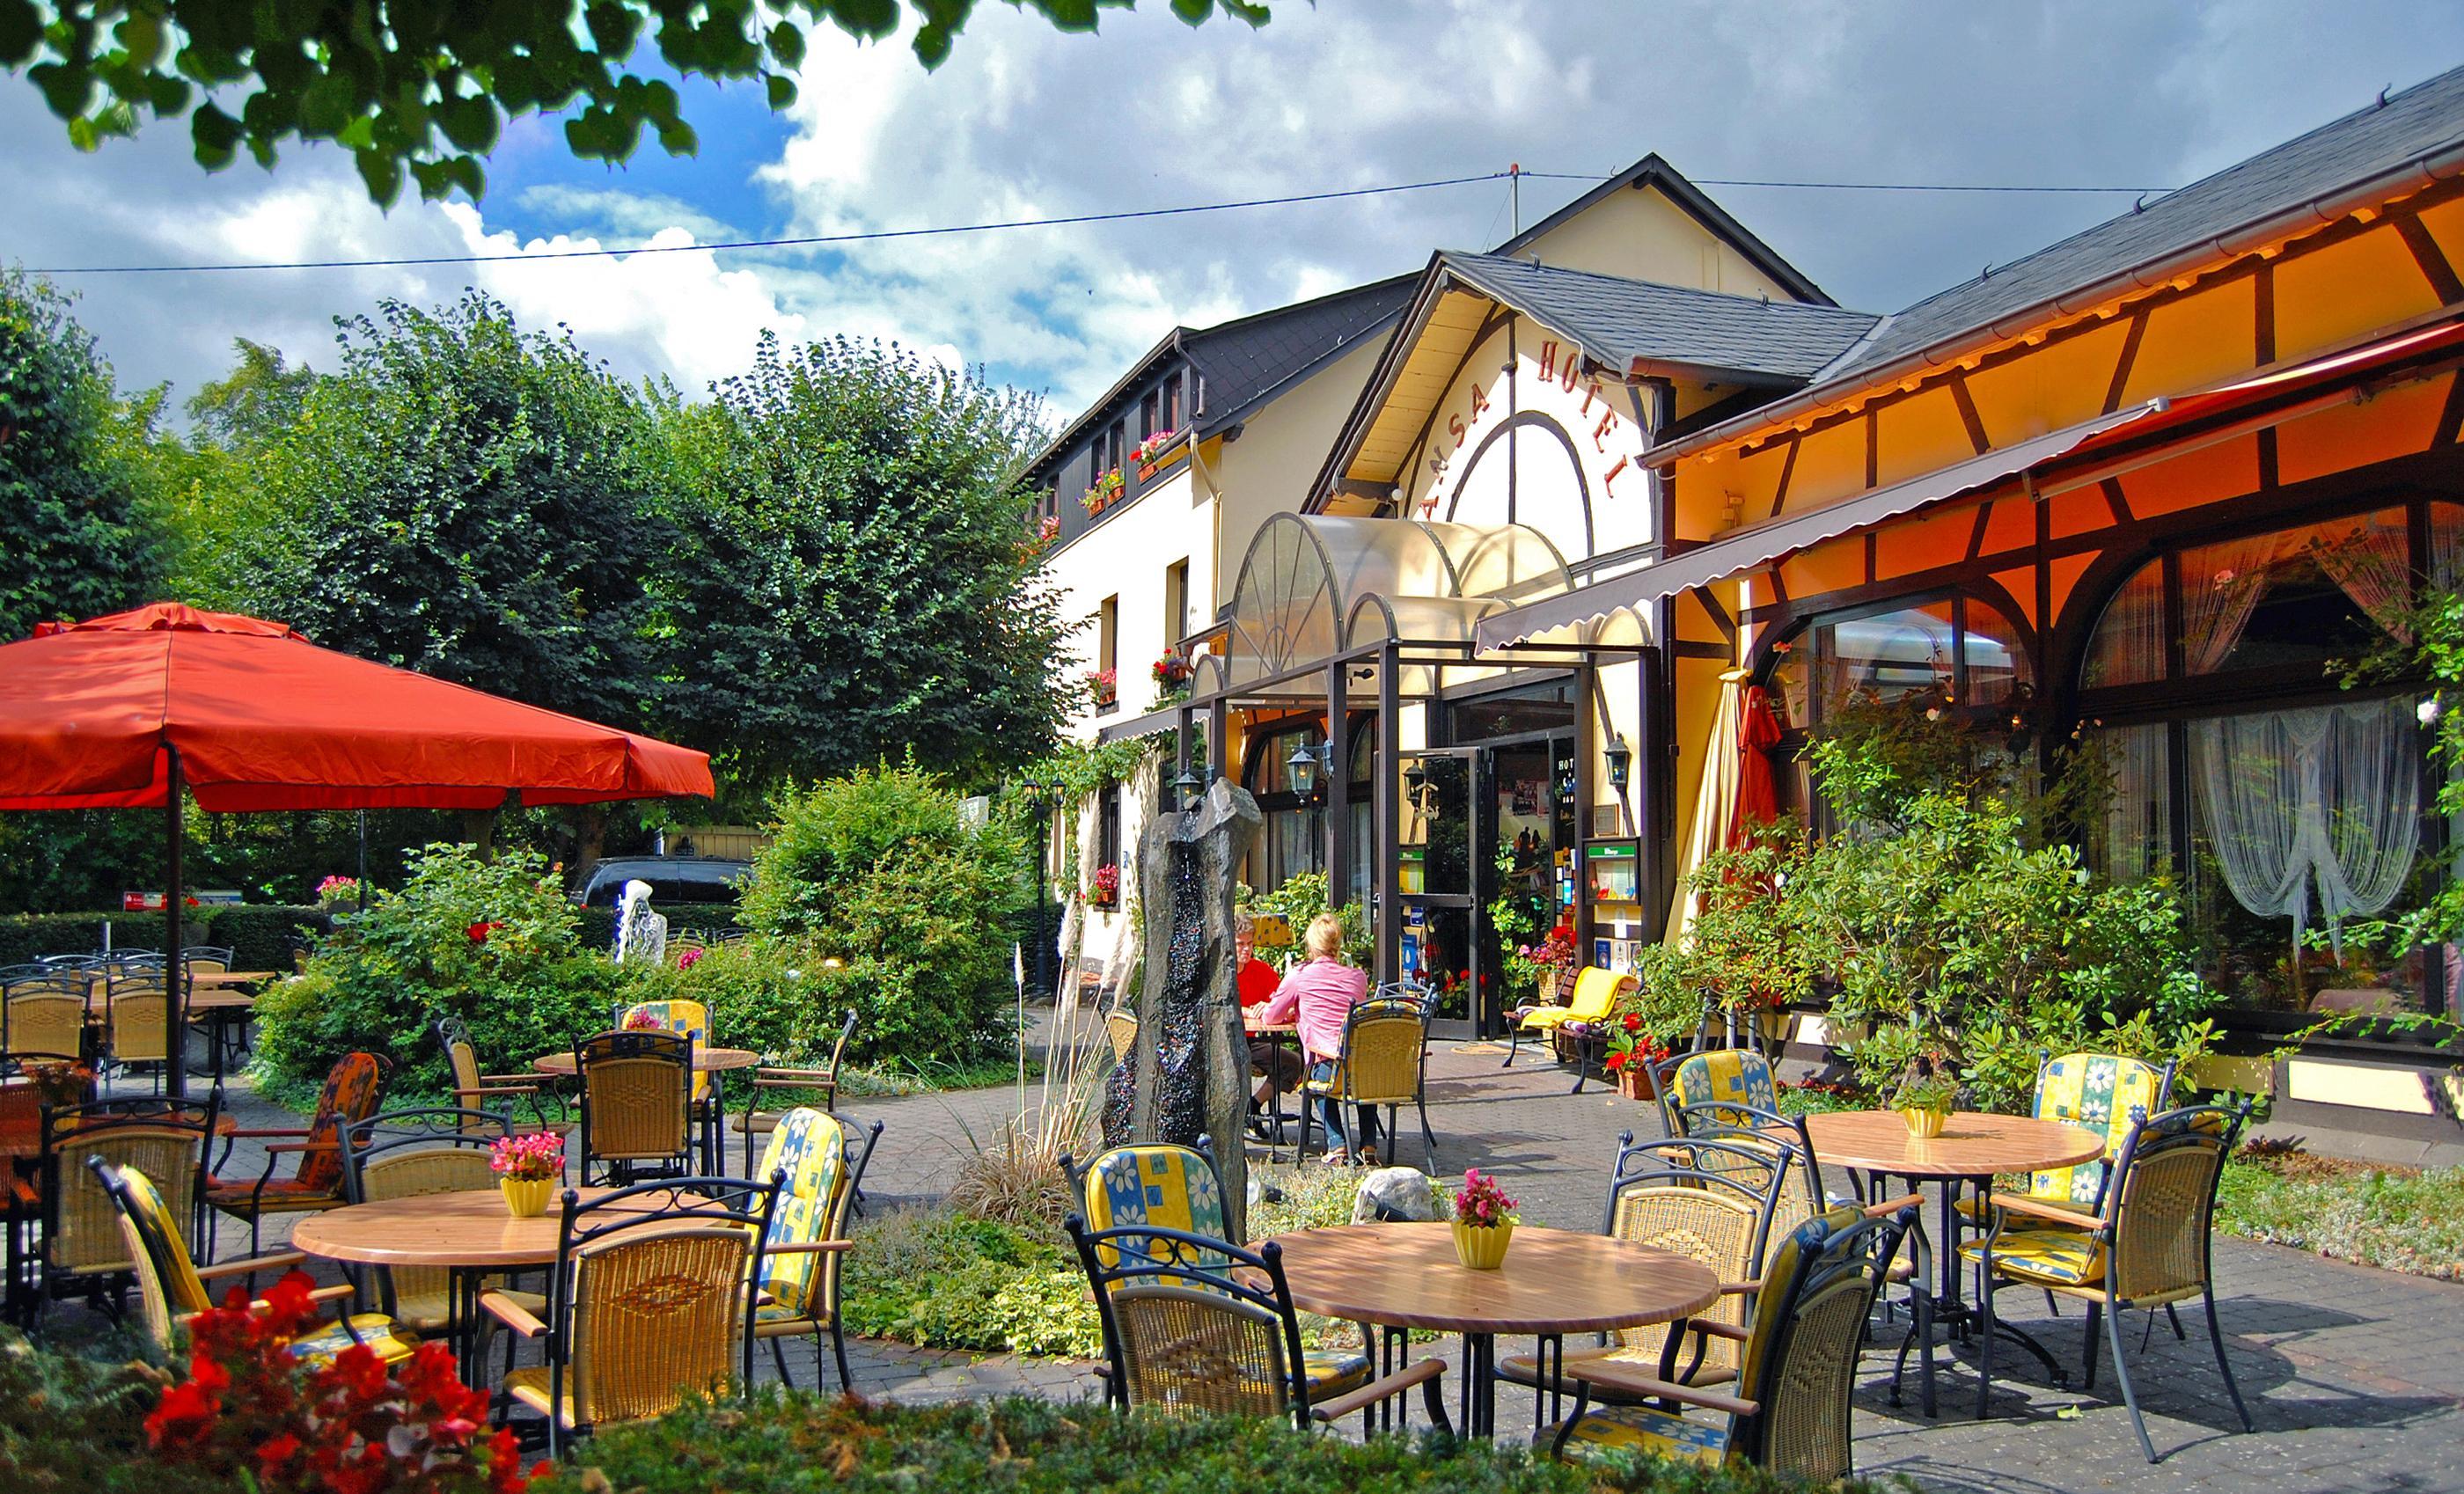 Sommergarten mit schattigen Linden, @ A. Rüber